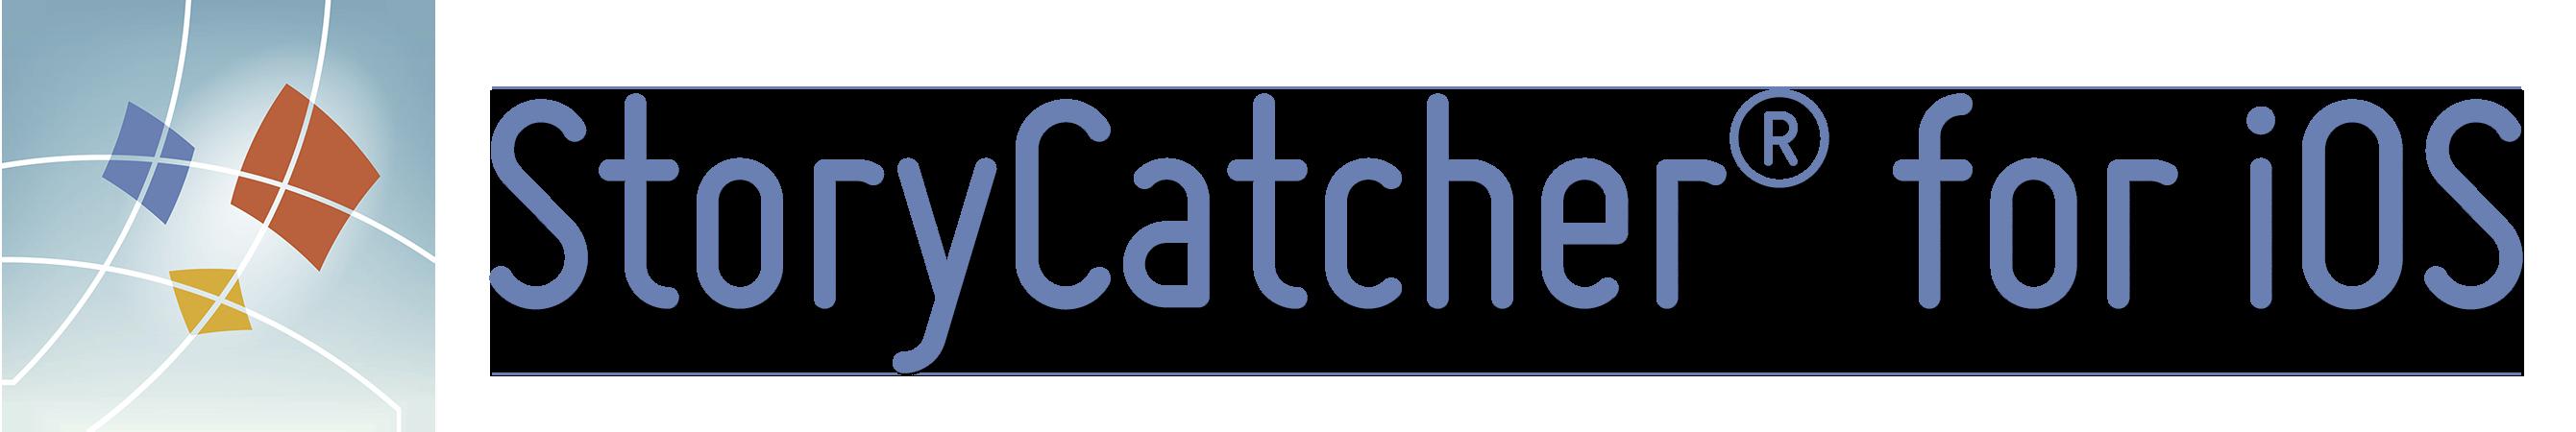 StoryCatcher®